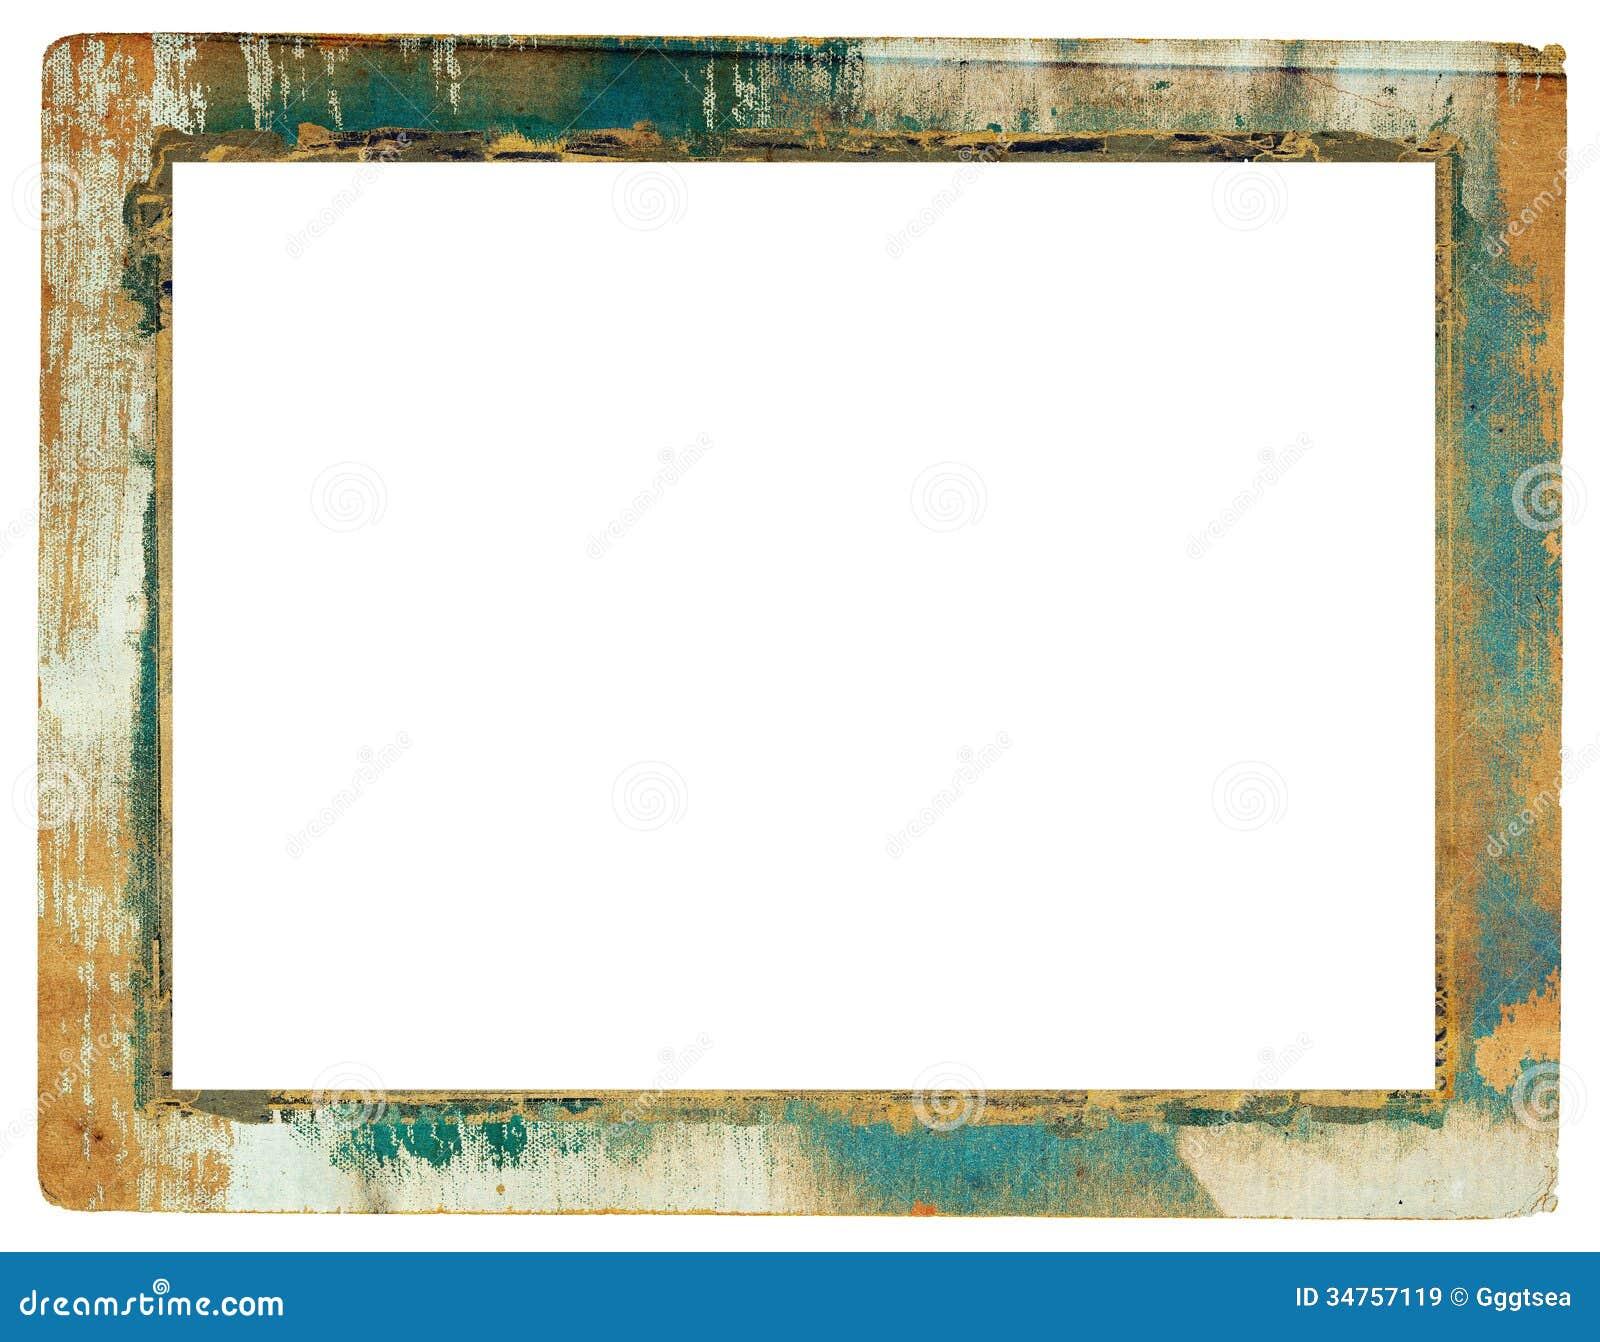 grunge paper frame